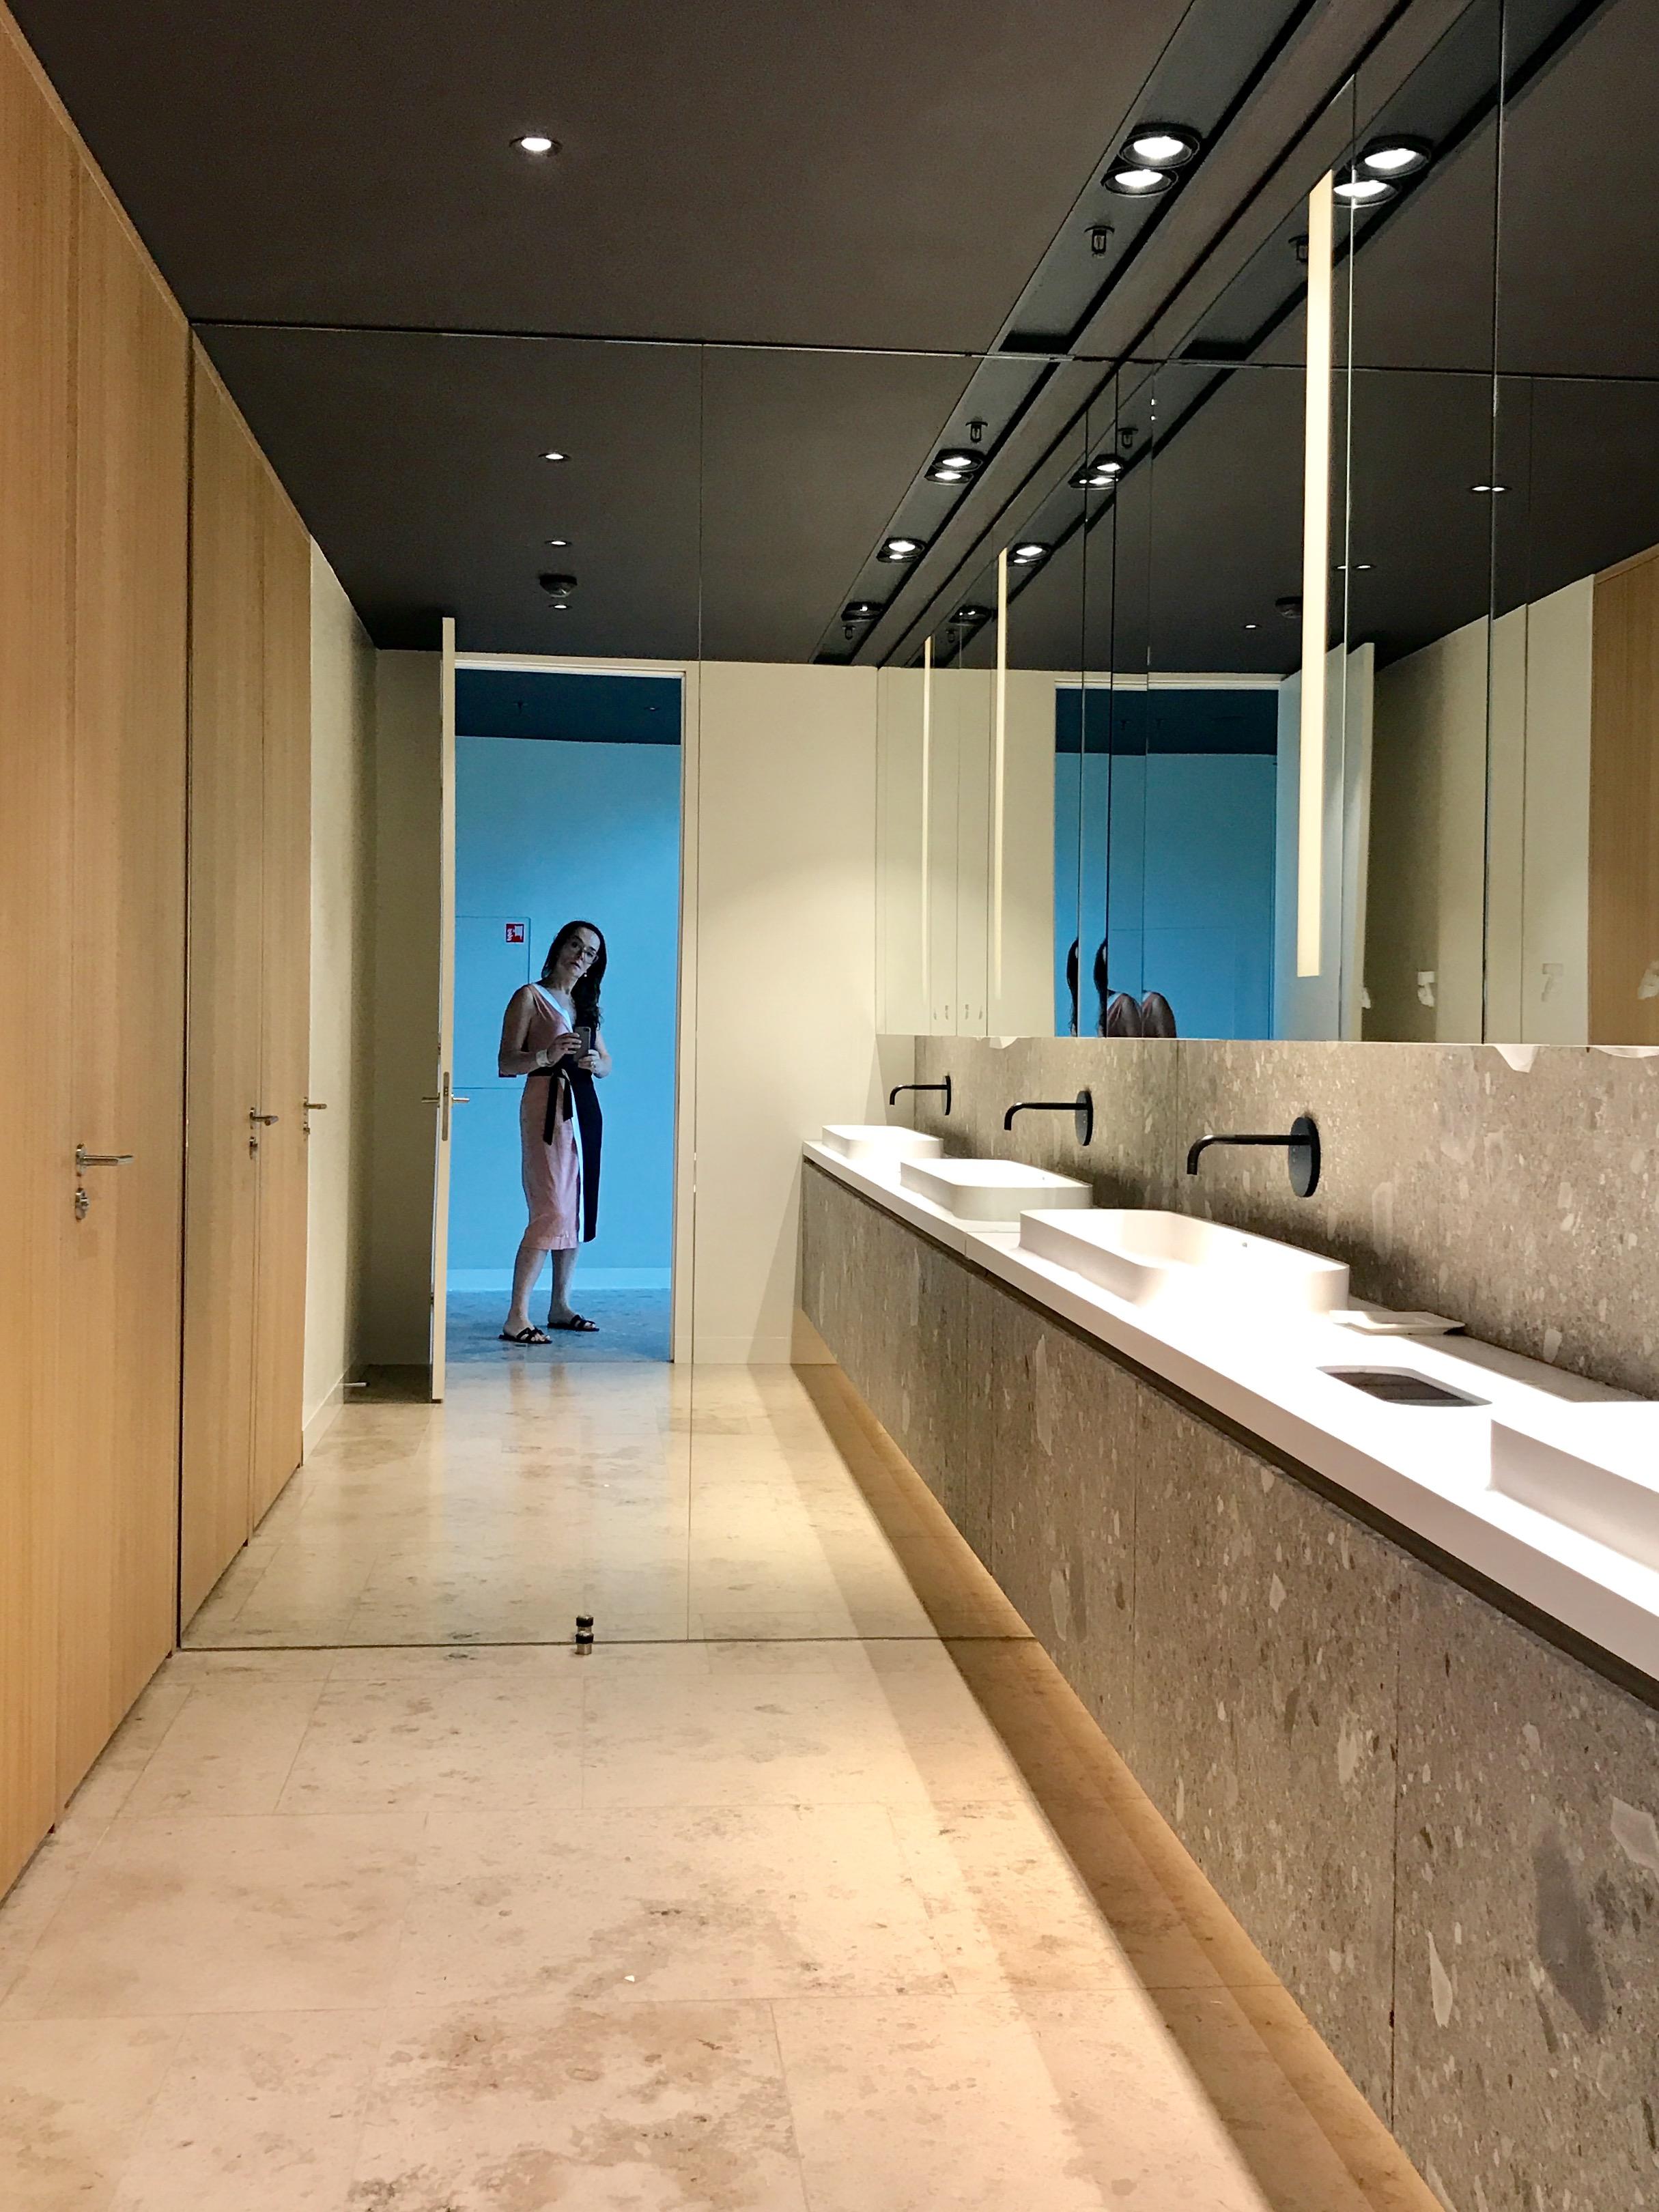 <p>ITO &#8211; Toiletgroep met allure van een vijf sterren hotel &#8211; Graziosi Progetti</p>